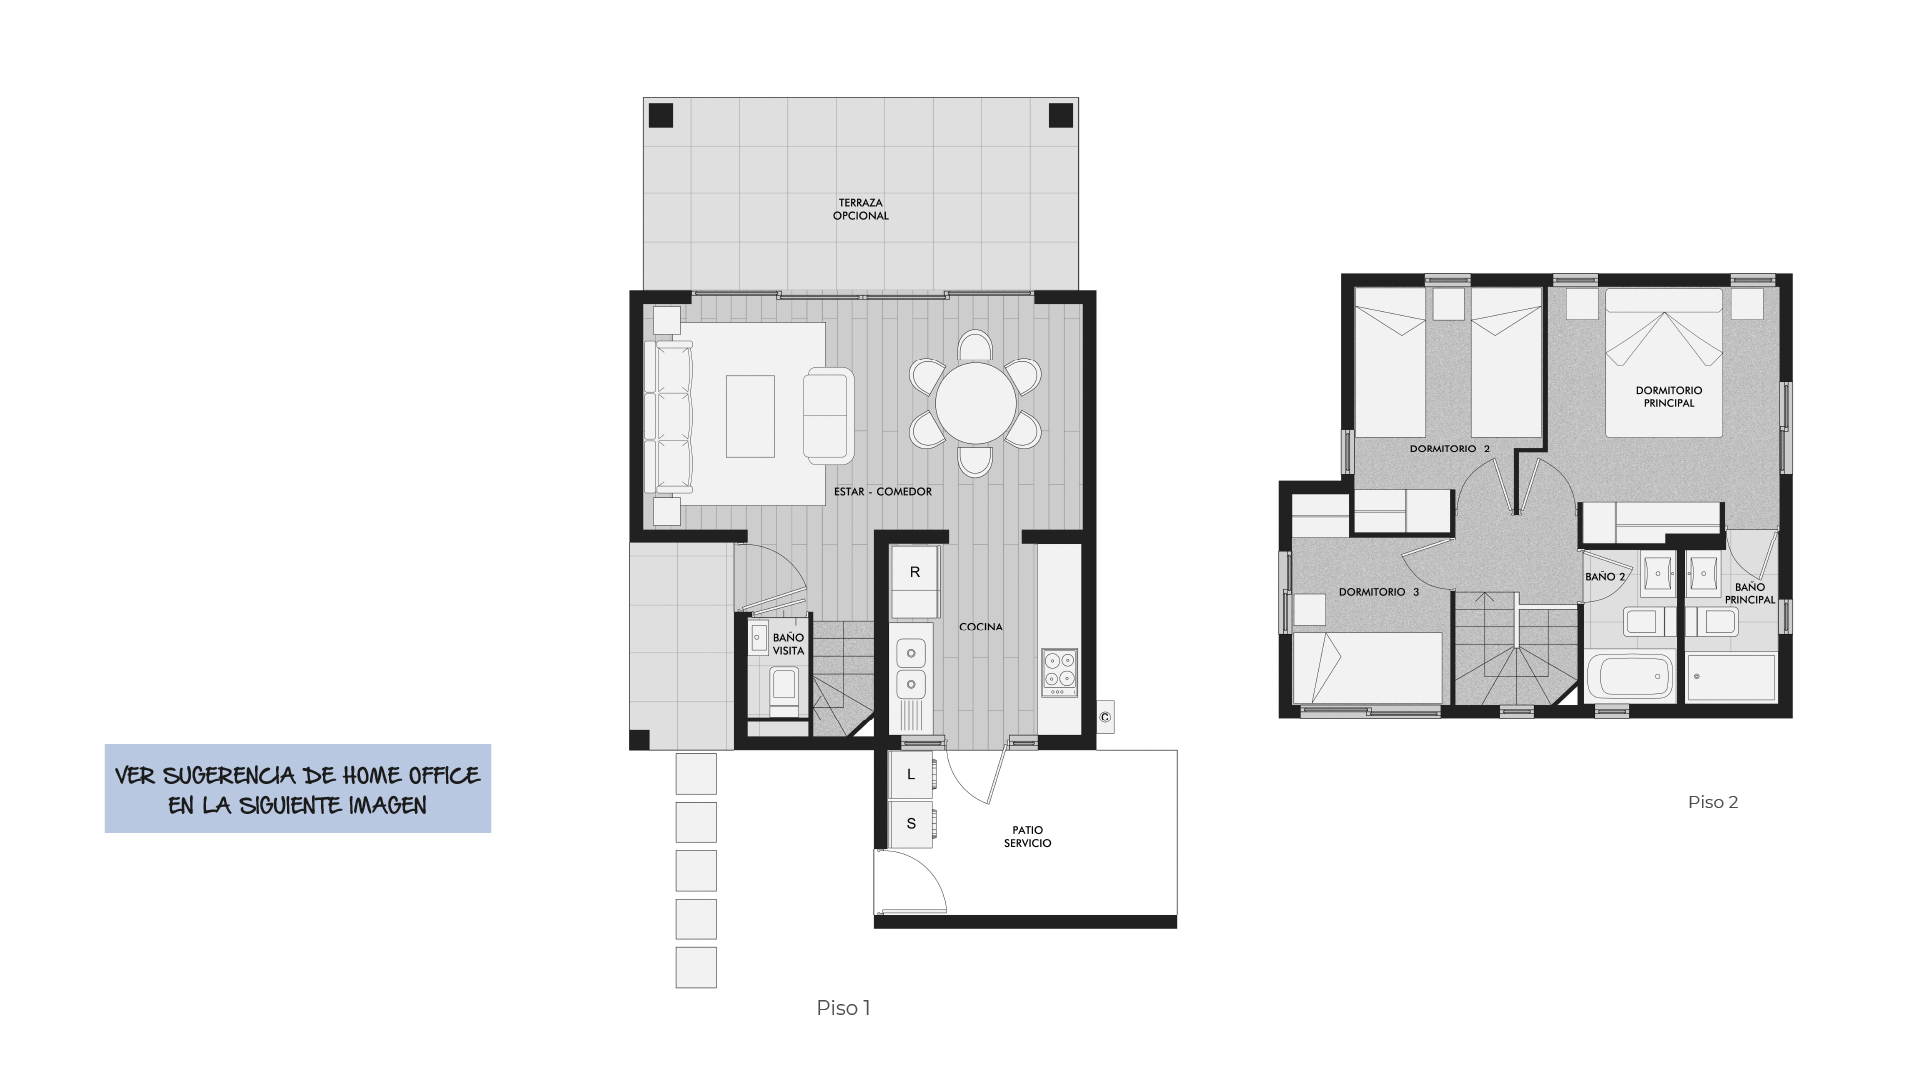 Condominio Nueva Arboleda II - Casa B